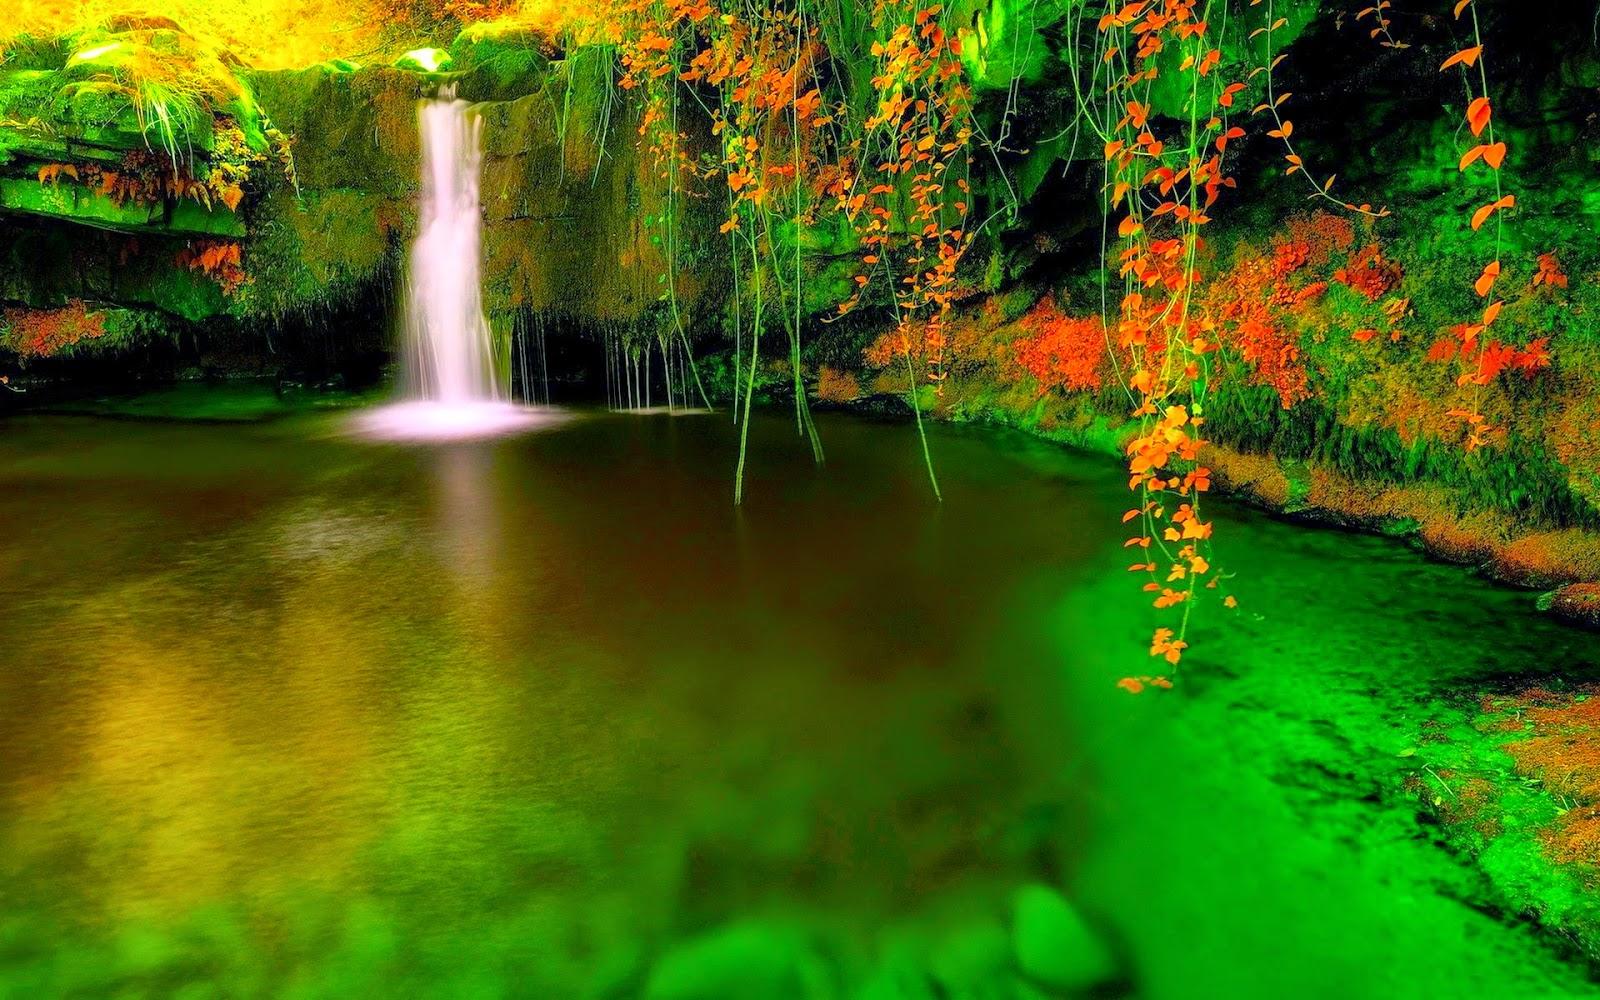 اجمل صور الطبيعة الخلابة 30